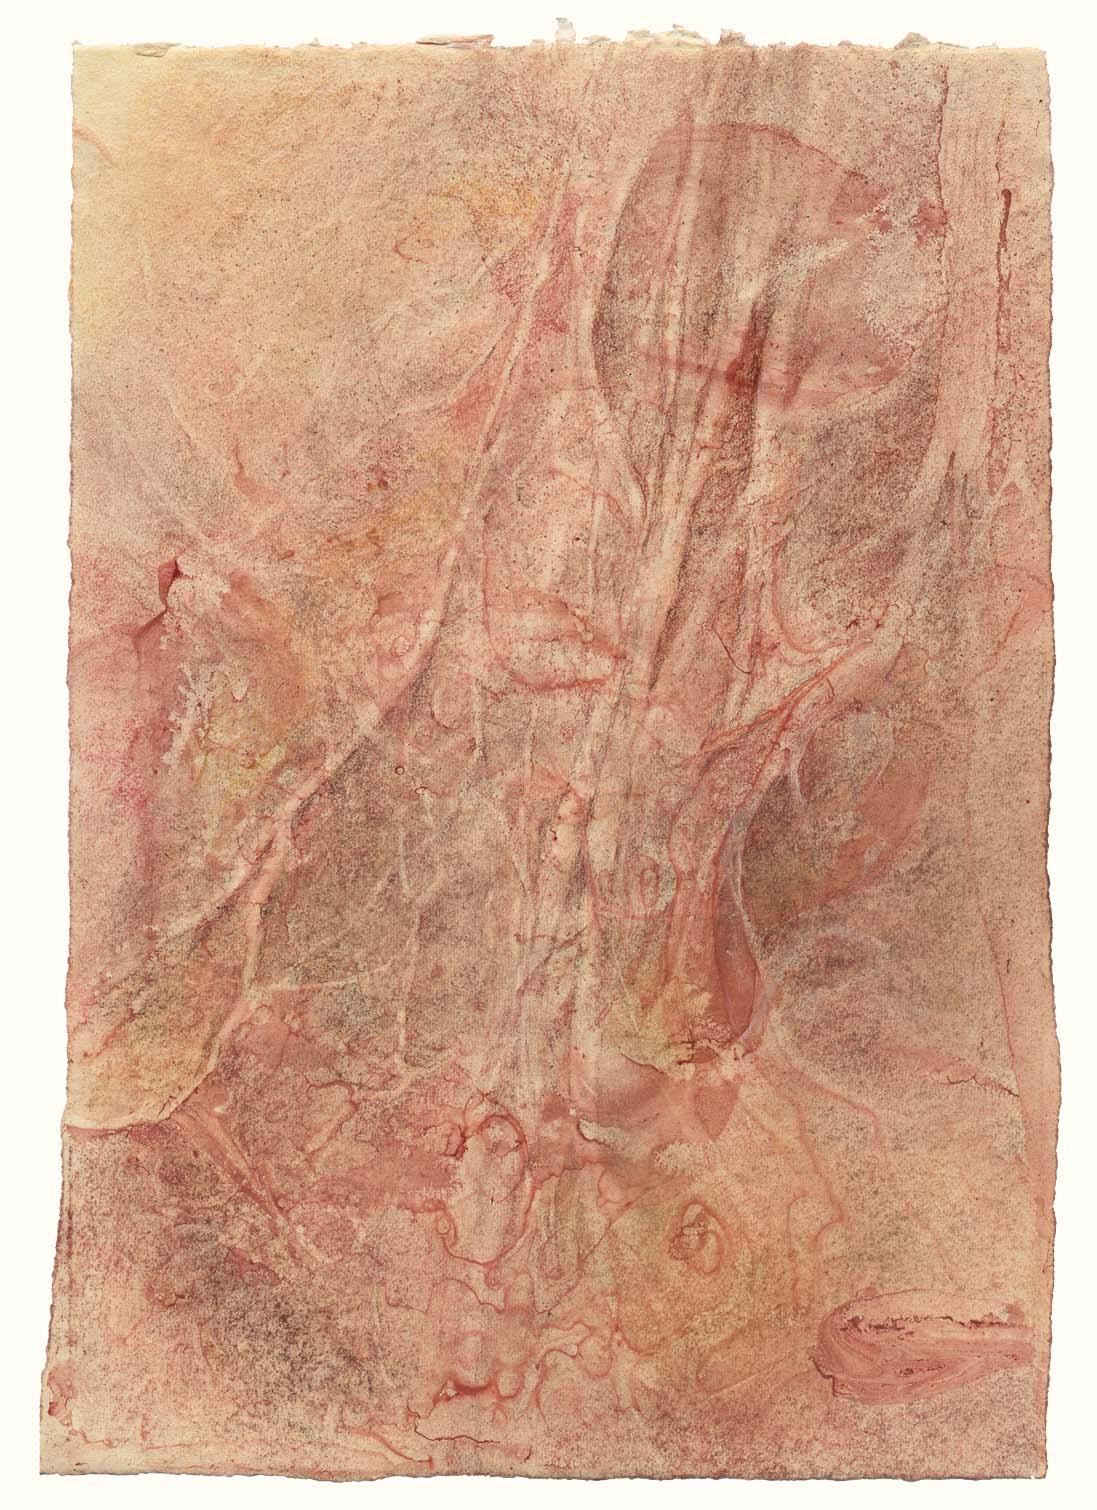 Spinal nerve landscape (#1)